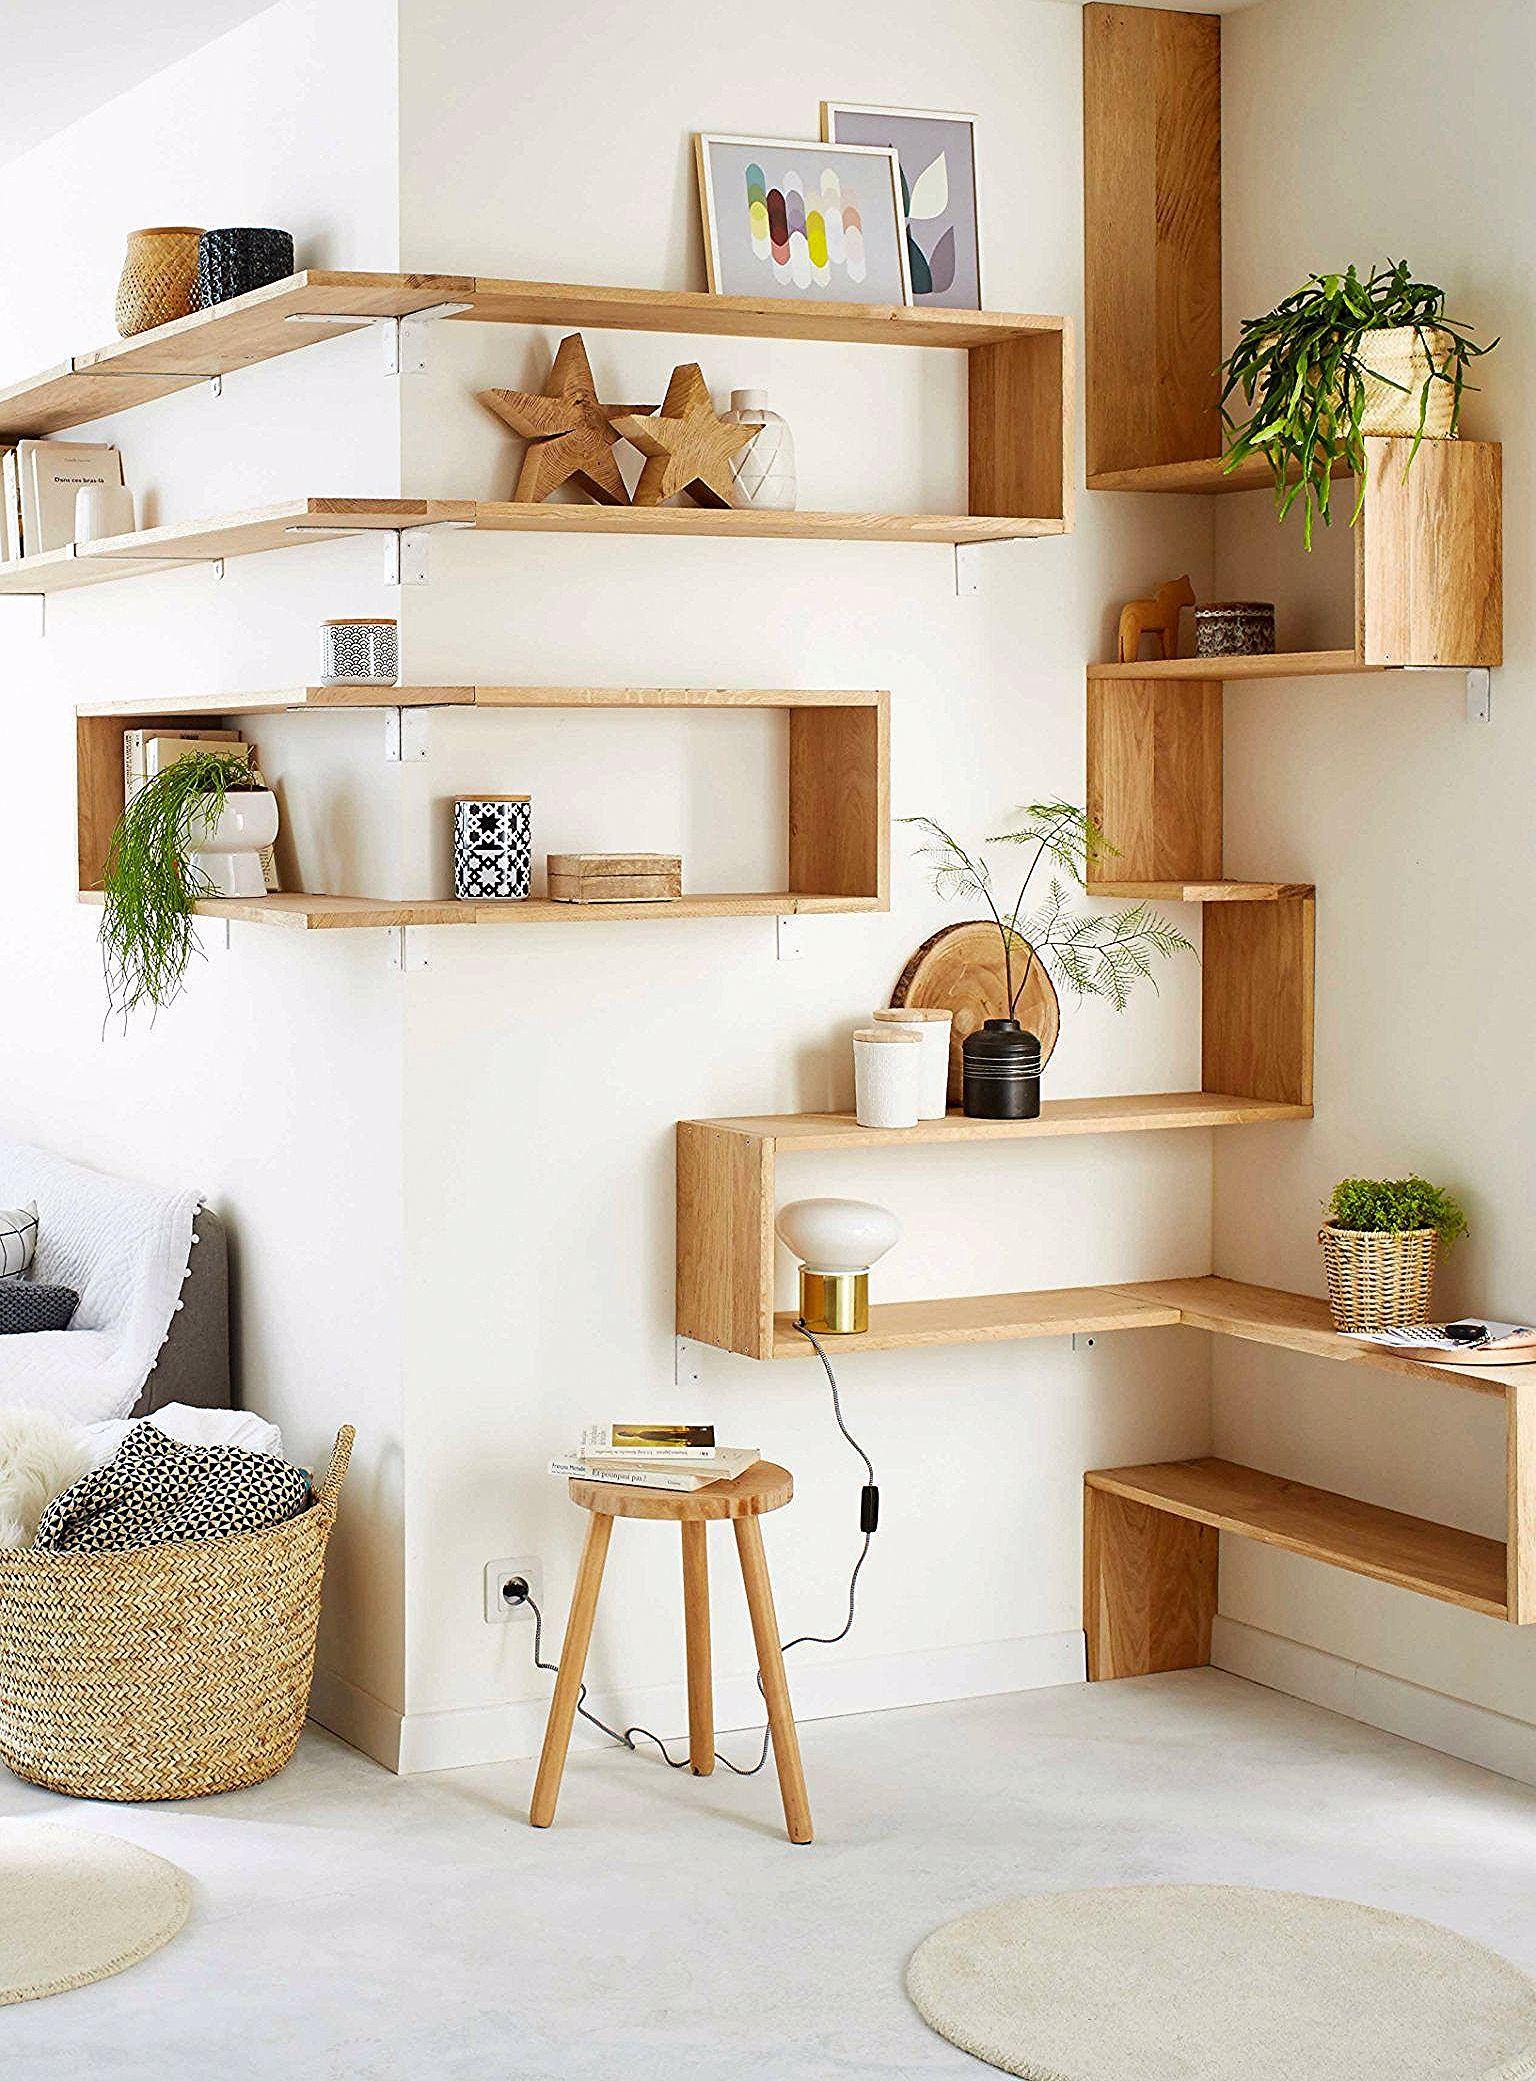 15 Meubles D Angle Parfaits Pour Optimiser Les Moindres Recoins D Une Piece In 2020 Easy Home Decor Oak Wall Shelves Home Decor